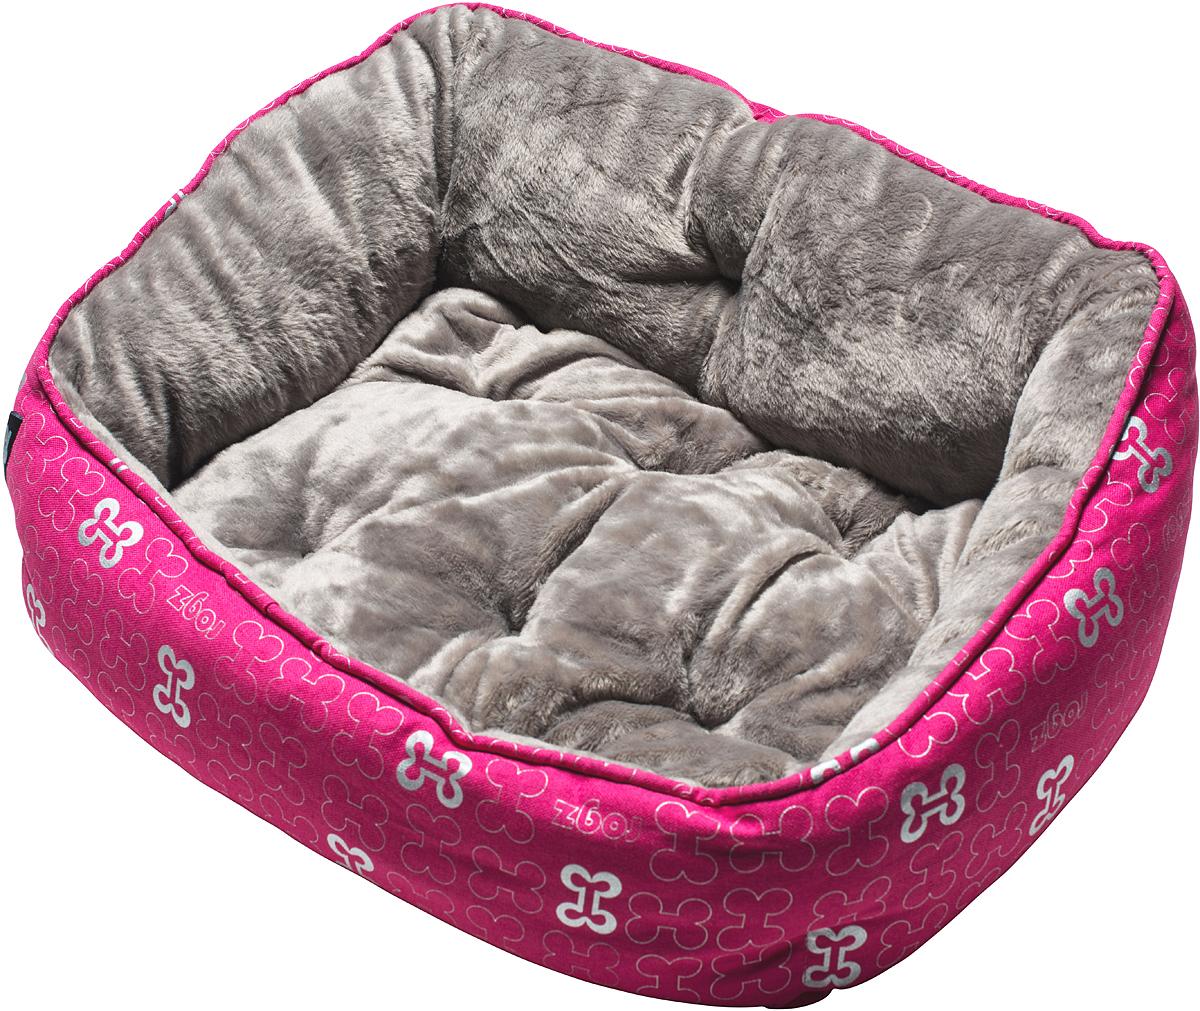 Лежак для собак Rogz Trendy Podz, цвет: розовый, 29 х 56 х 43 смFPXLCEОчень мягкий и комфортный лежак для собак Rogz Trendy Podz.Флисовые бортики внутри изделия.Двусторонняя подушка.Уникальный дизайн.Подвергается стирке.